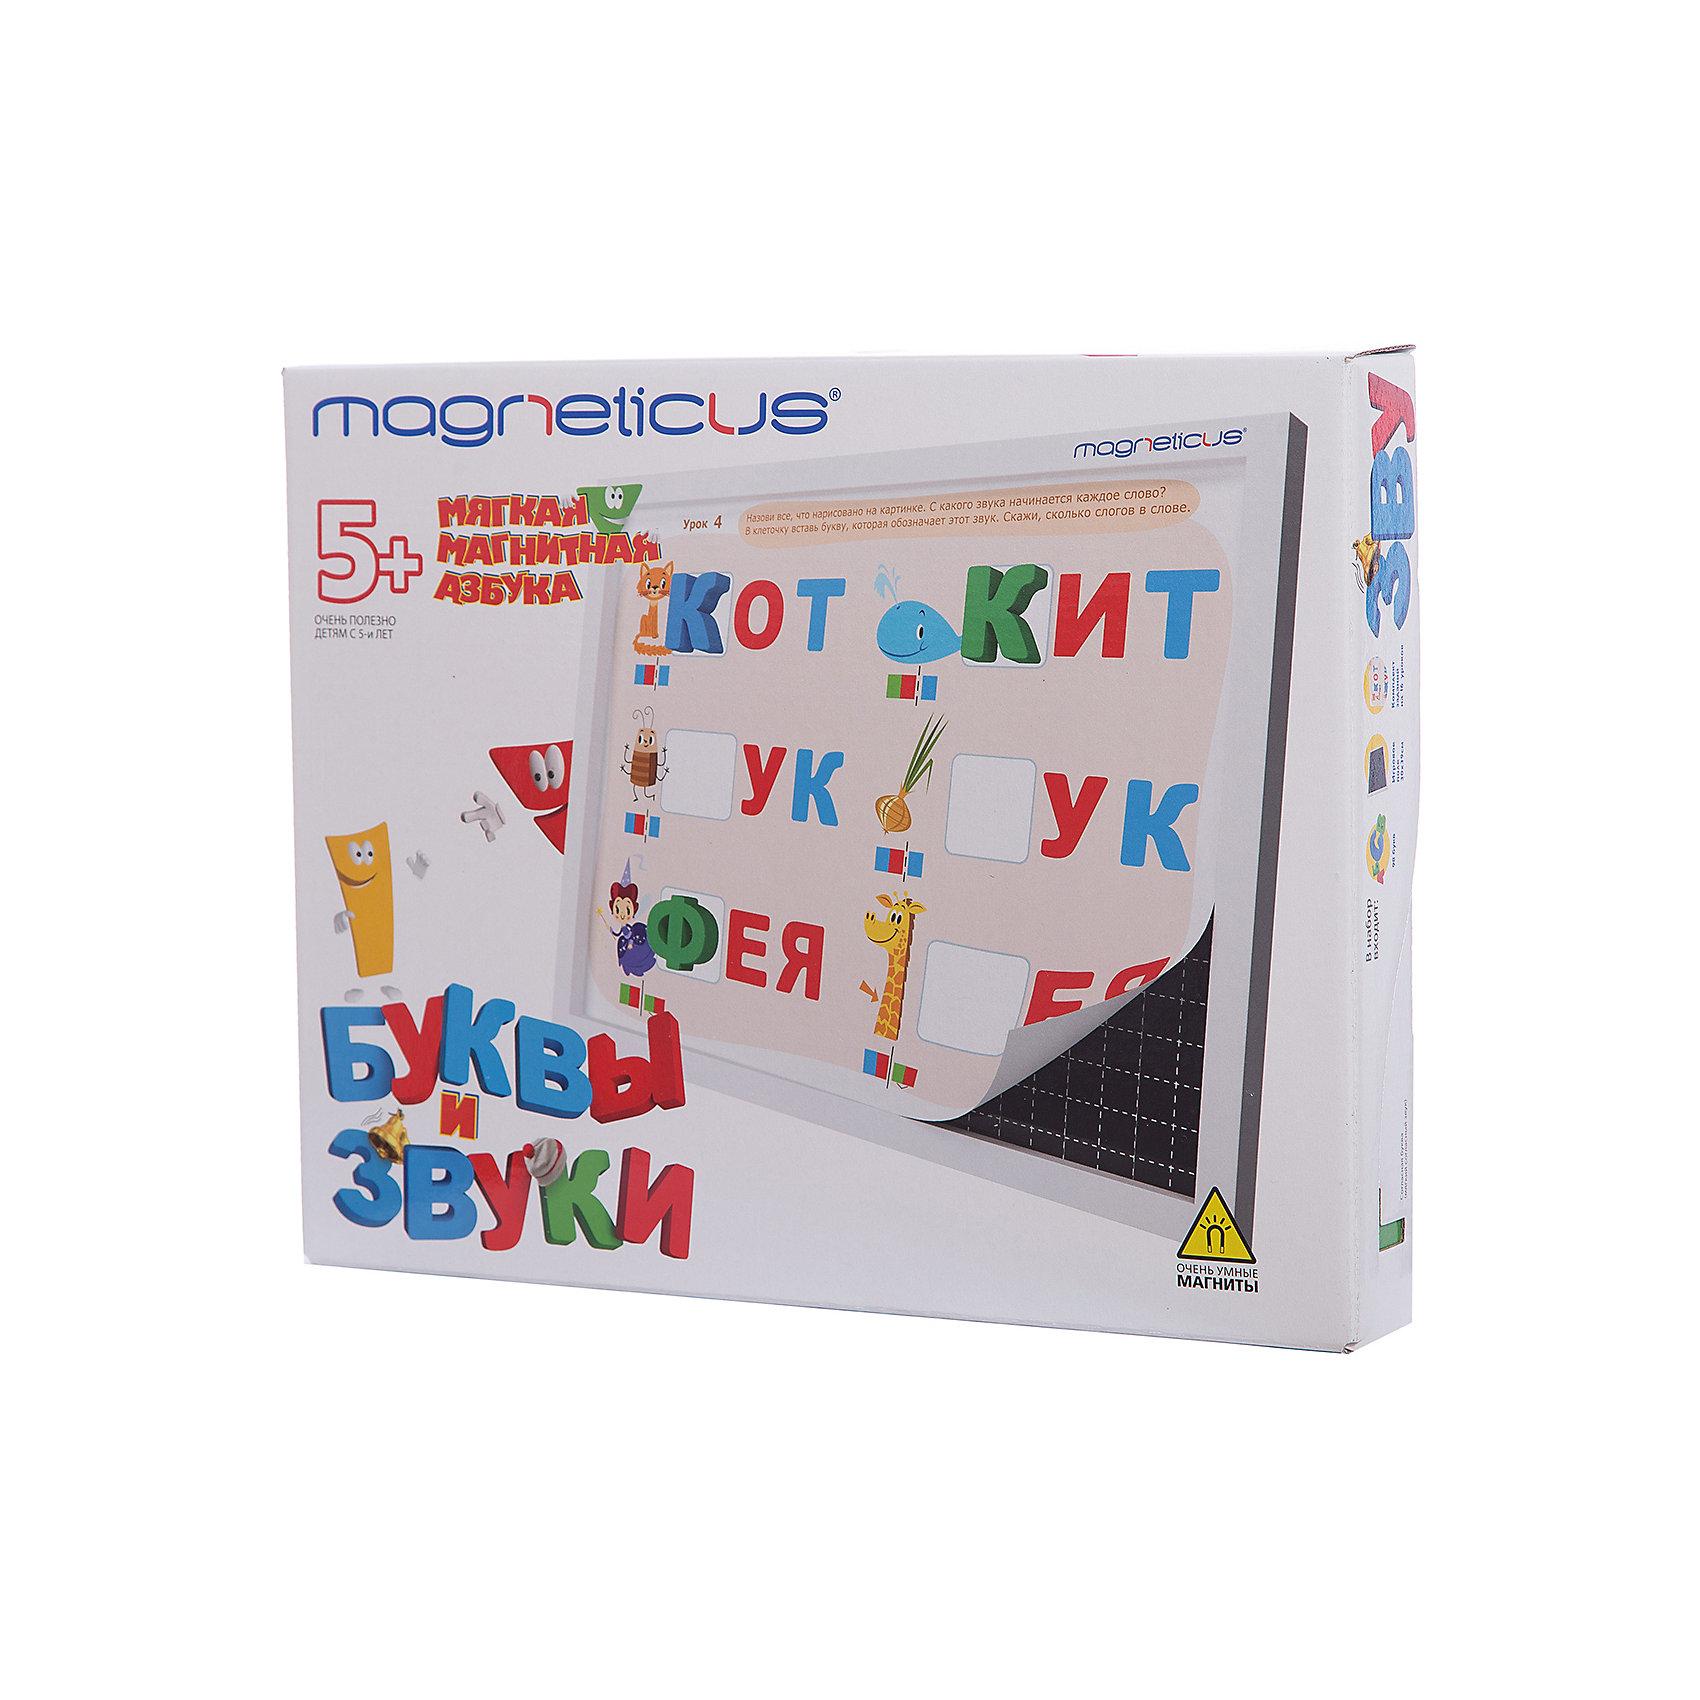 Мягкая магнитная азбука Буквы и звуки,  MagneticusИгры для дошкольников<br>Характеристики товара:<br><br>• возраст от 3 лет;<br>• материал: металл, полимер;<br>• в комплекте: магнитное поле, 10 карточек, 33 буквы;<br>• размер упаковки 42х33х6 см;<br>• вес упаковки 420 гр.;<br>• страна производитель: Россия.<br><br>Мягкая магнитная азбука «Буквы и звуки» Magneticus представляет собой набор магнитных букв, которые крепятся на досочку или на любую металлическую поверхность. Азбука позволит малышам выучить буквы, научиться составлять слоги и слова, выучить новые слова, а также поспособствует развитию мелкой моторики рук, тактильных ощущений, логического мышления. Буквы сделаны из специального полимера, безопасного для детей.<br><br>Мягкая магнитная азбука «Буквы и звуки» Magneticus можно приобрести в нашем интернет-магазине.<br><br>Ширина мм: 420<br>Глубина мм: 330<br>Высота мм: 60<br>Вес г: 800<br>Возраст от месяцев: 36<br>Возраст до месяцев: 2147483647<br>Пол: Унисекс<br>Возраст: Детский<br>SKU: 5613498